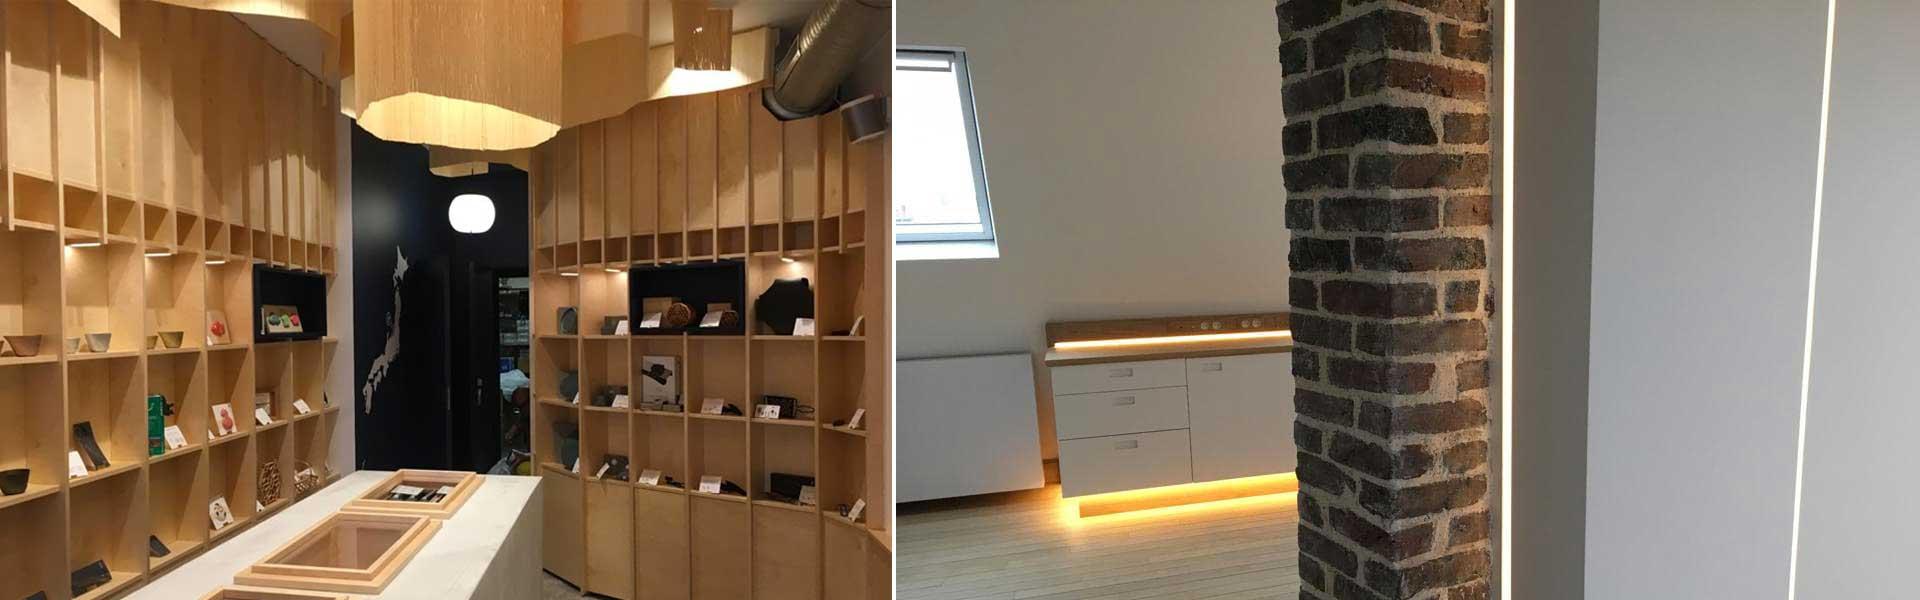 Delux dessine et repense votre lumière pour vos espaces de vente